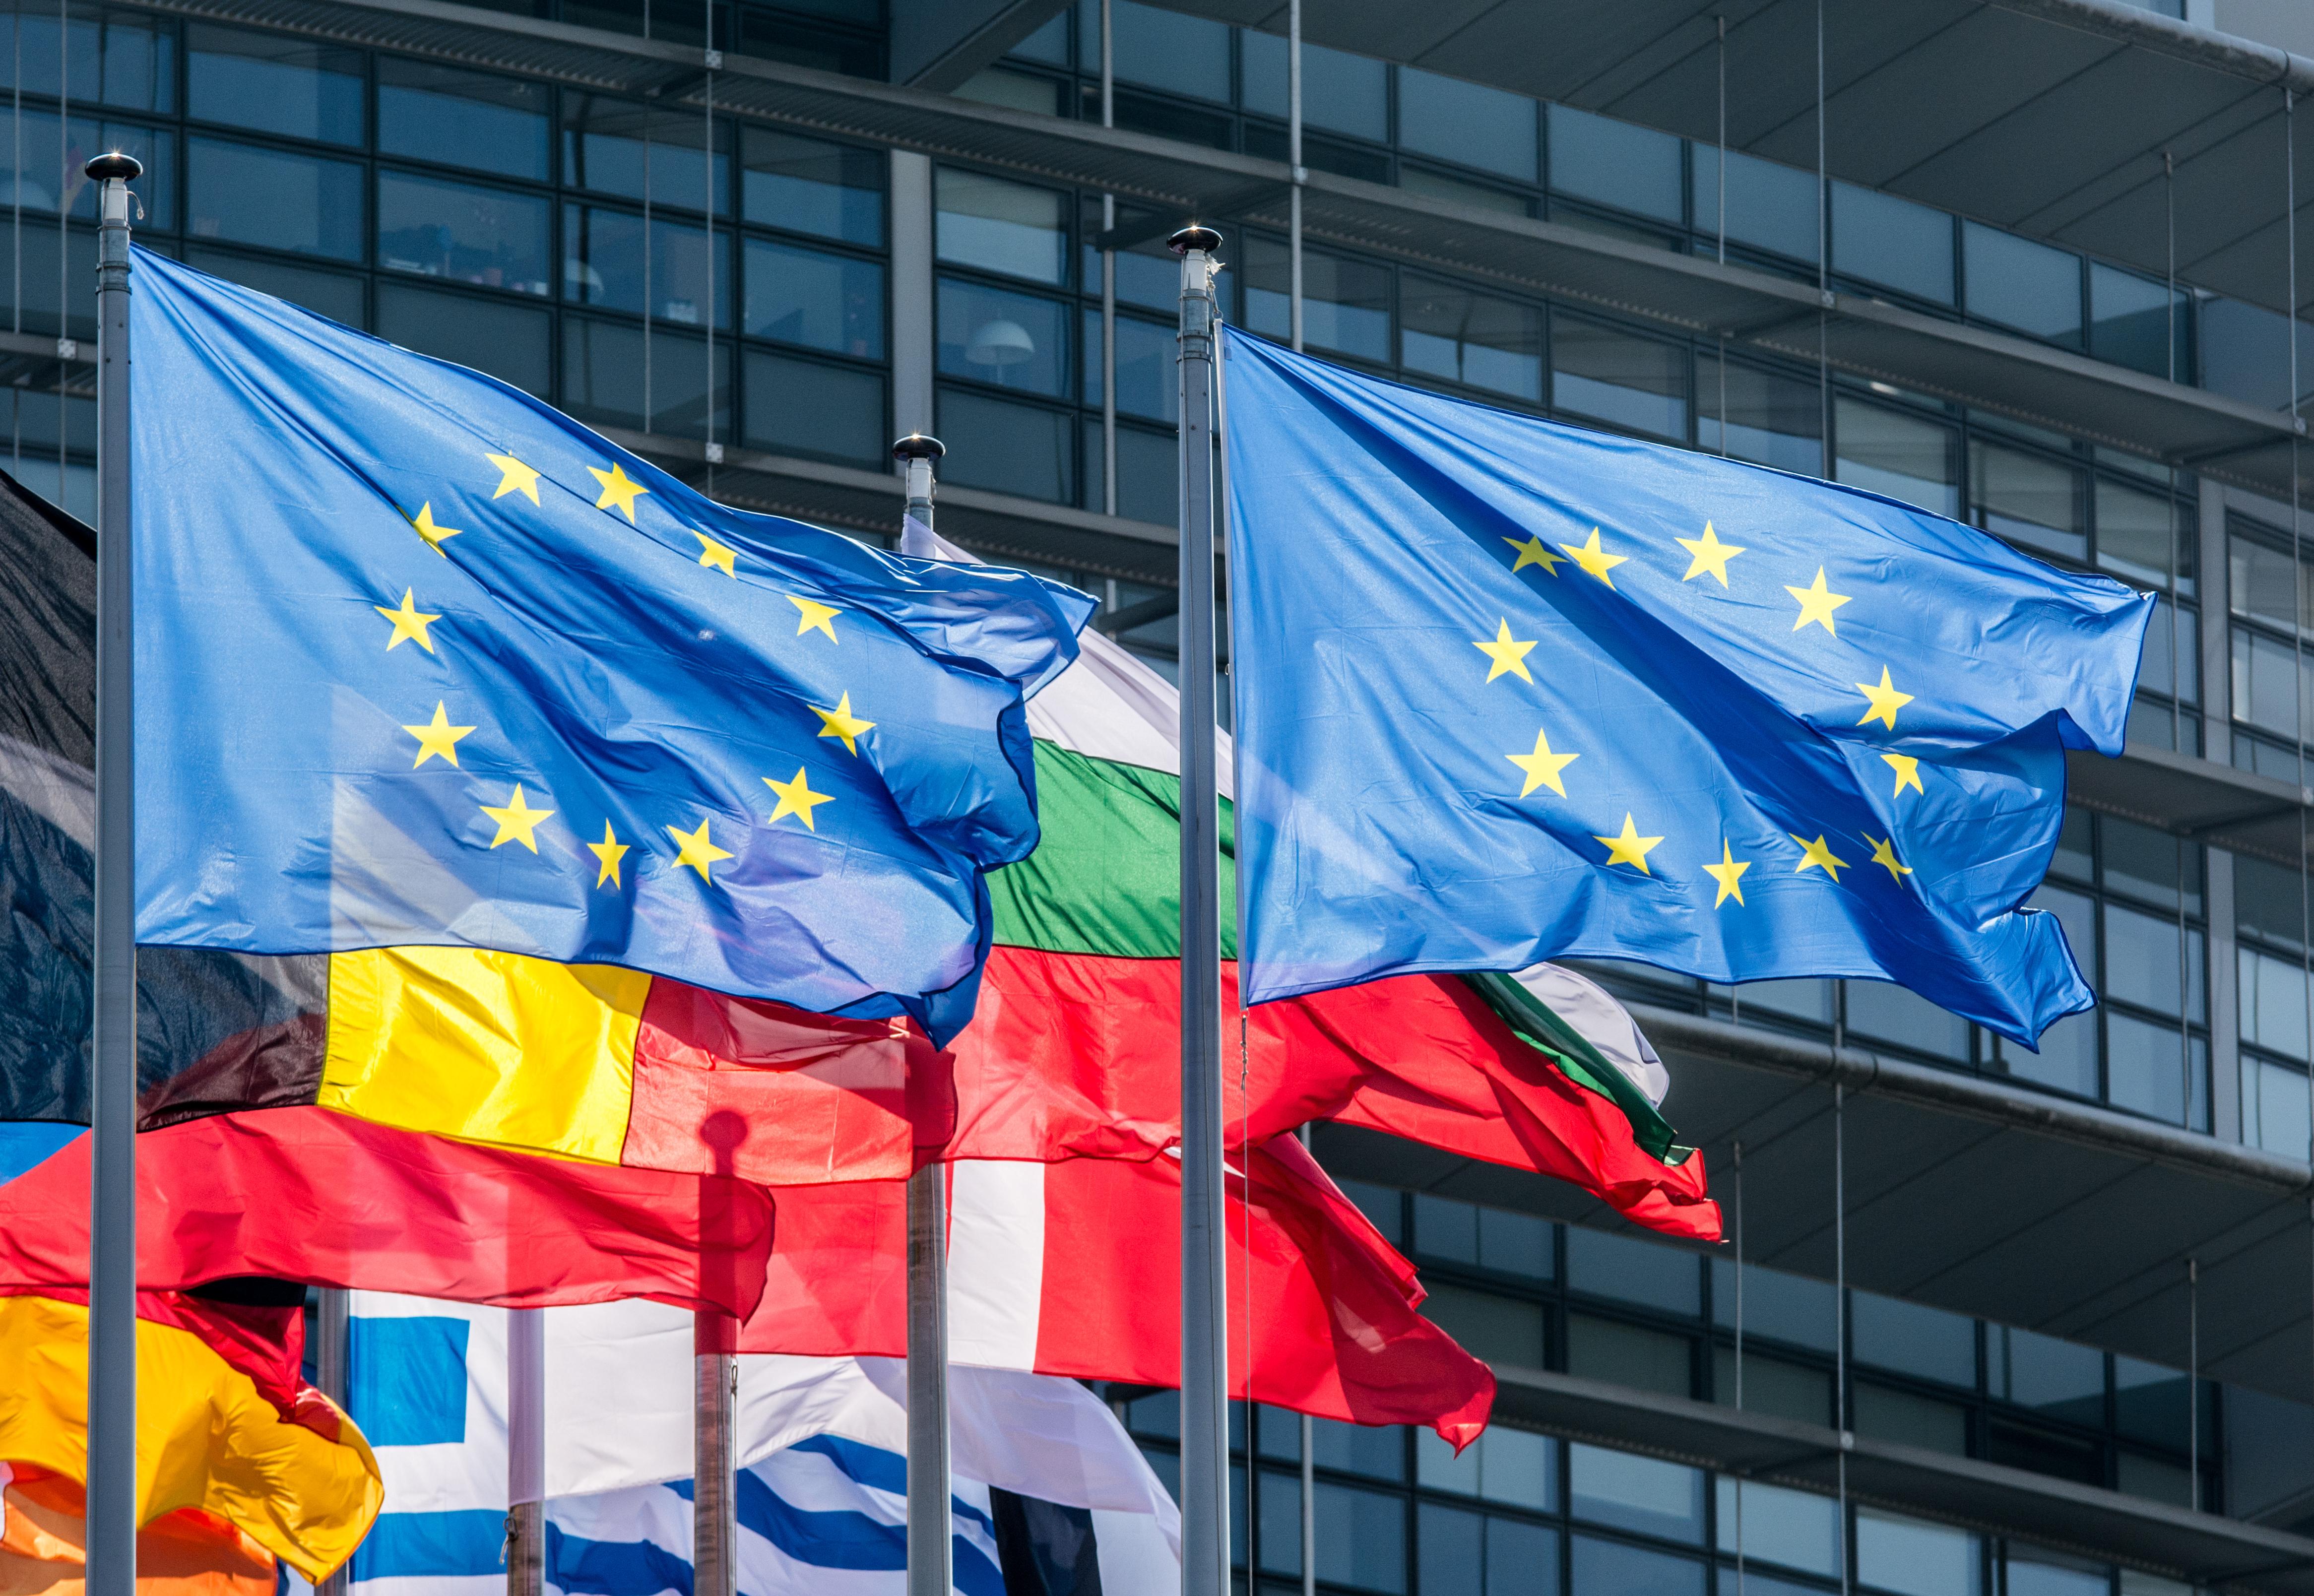 Una visita al Parlamento Europeo en Estrasburgo - Alemania Circuito Lo Mejor de la Selva Negra